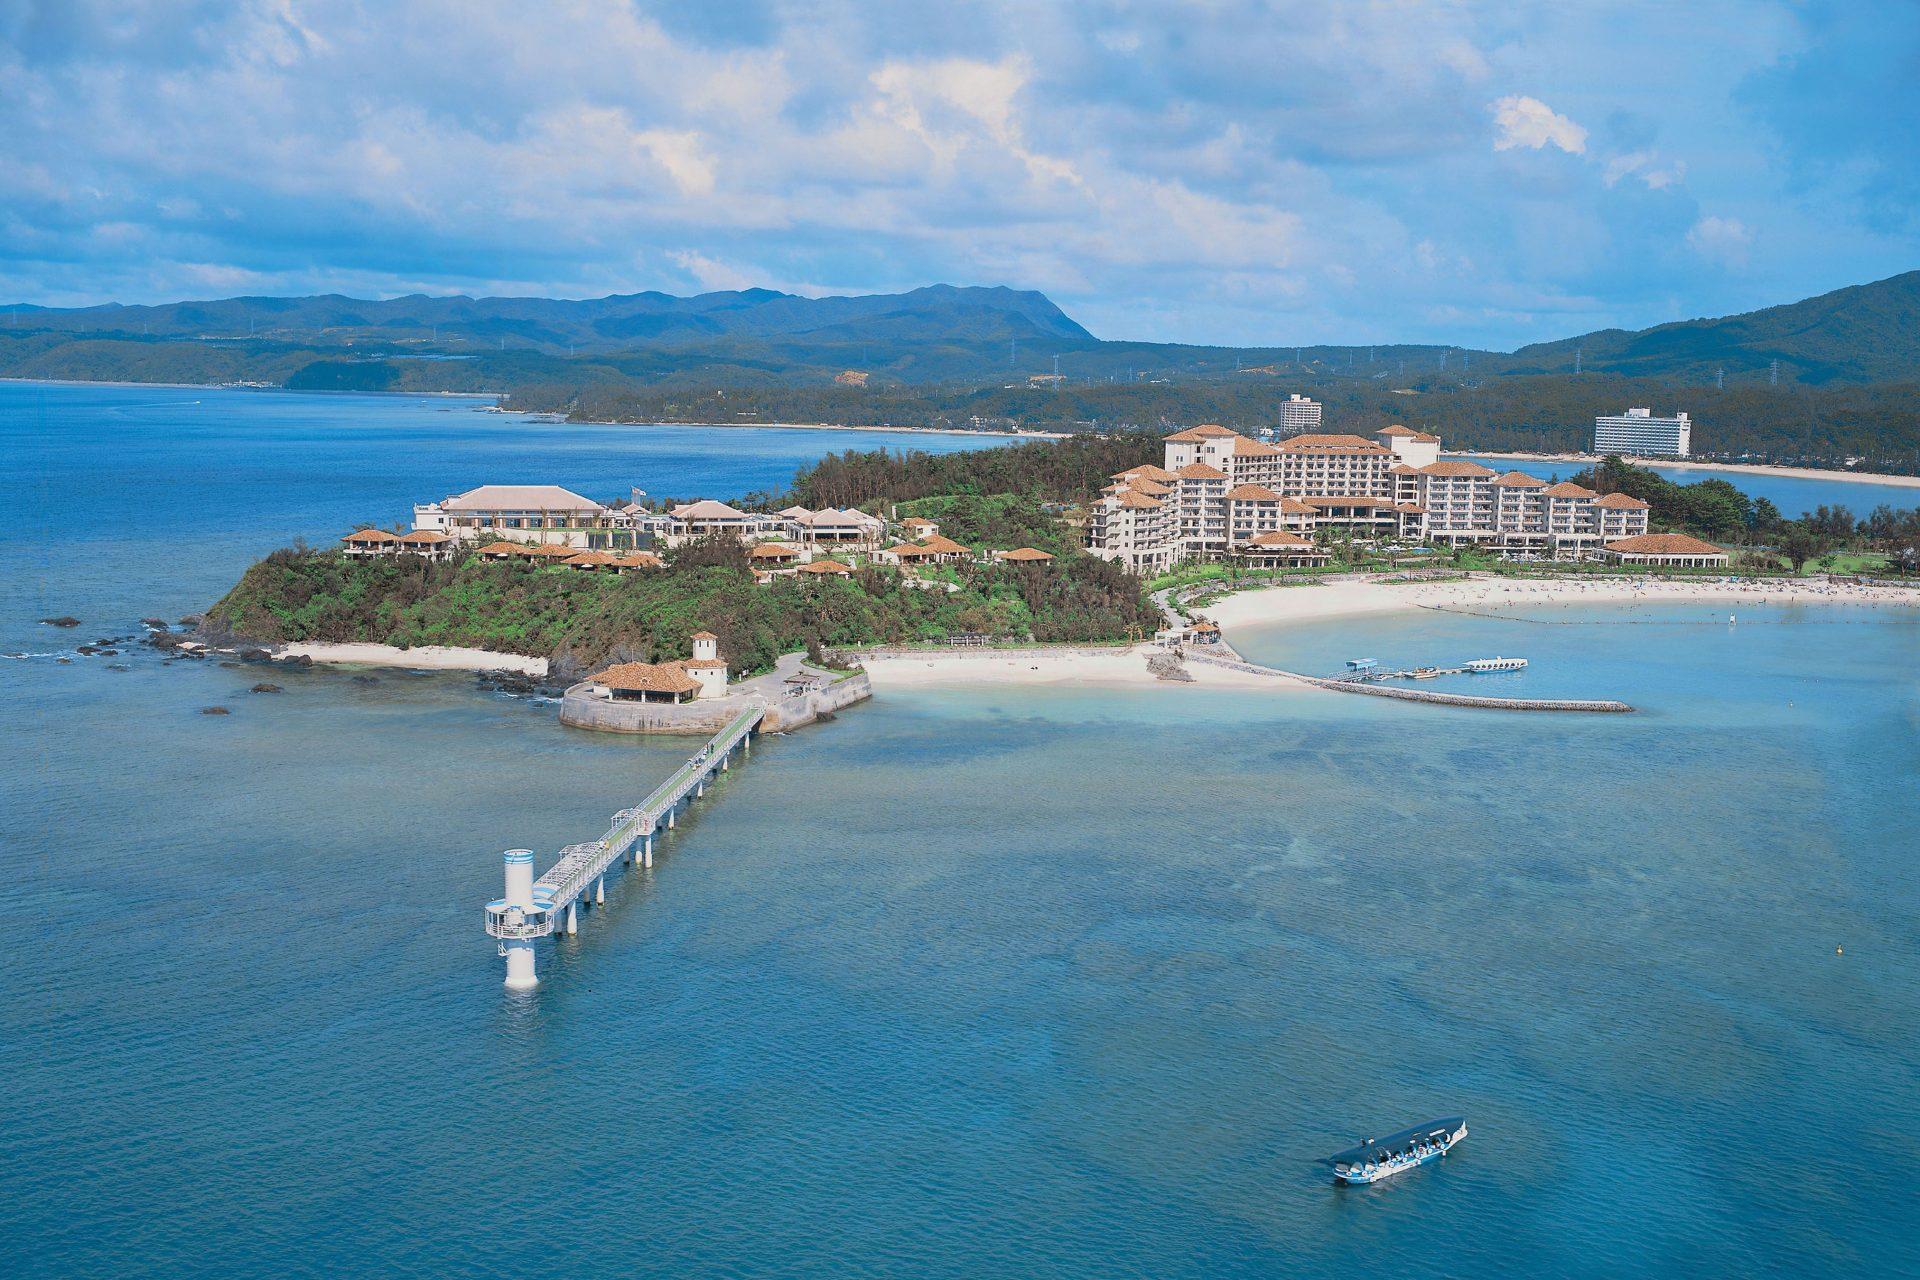 ザ・ブセナテラス 名護市 沖縄 ラグジュアリー ホテル 旅行 観光 おすすめ